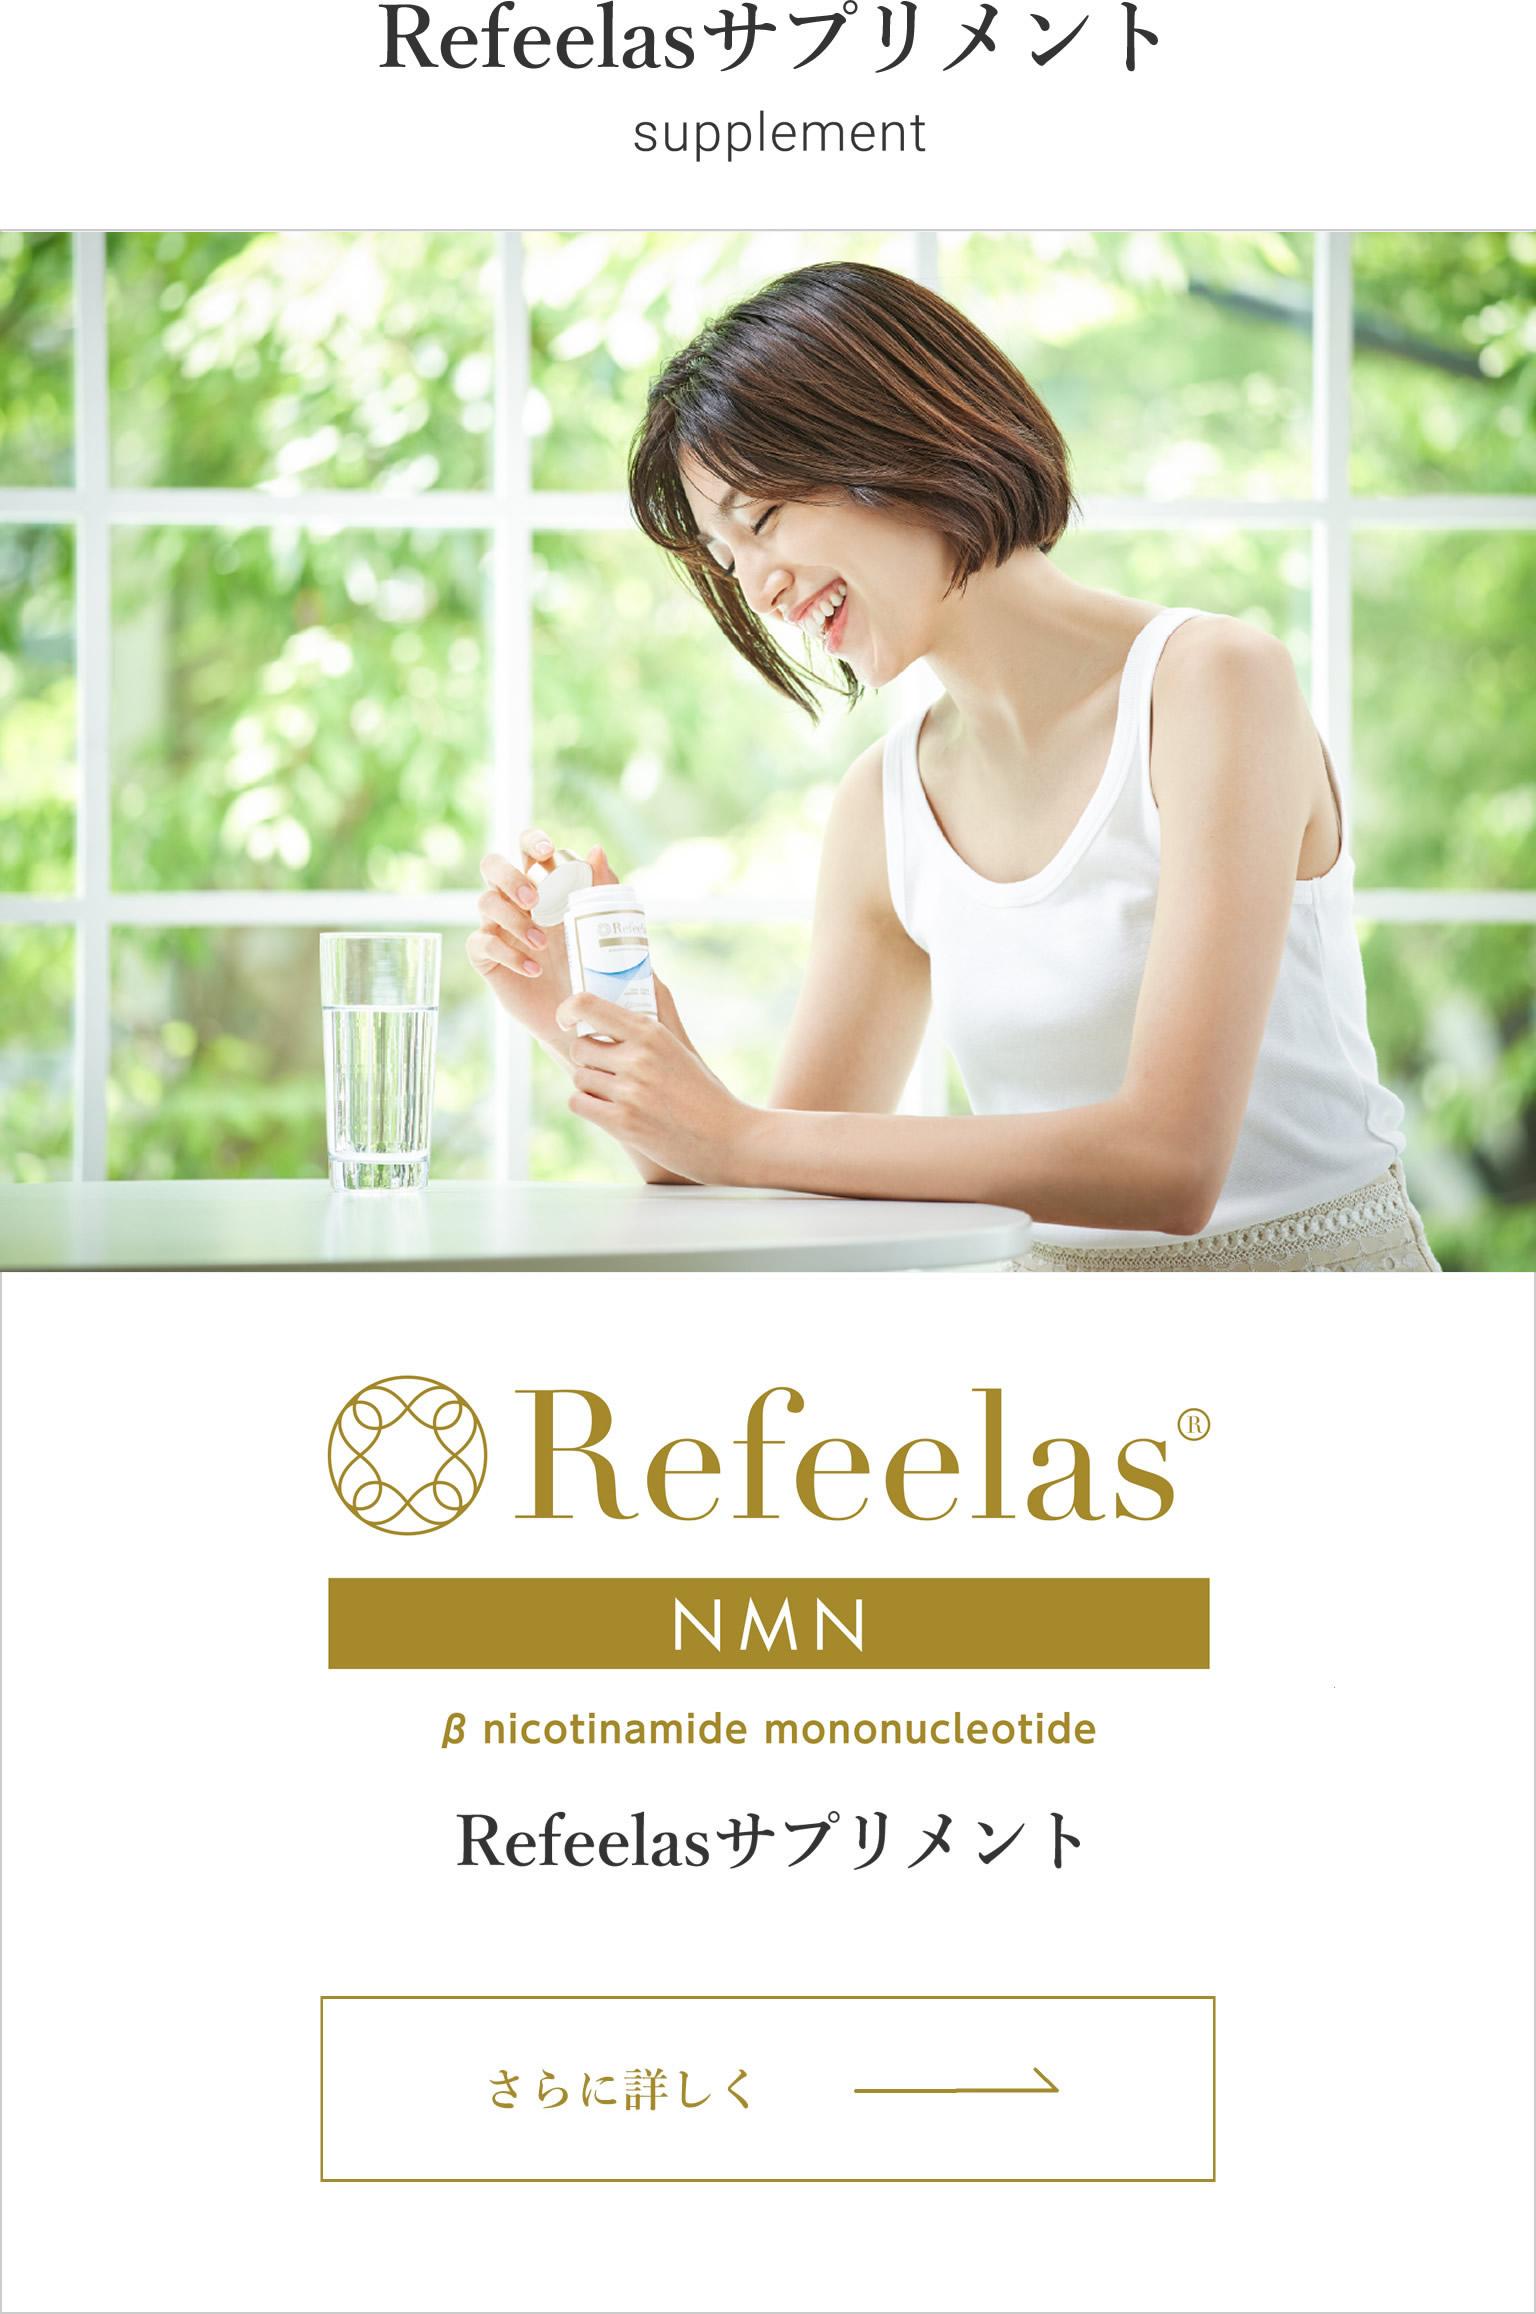 Refeelas(リフィーラス)サプリメント